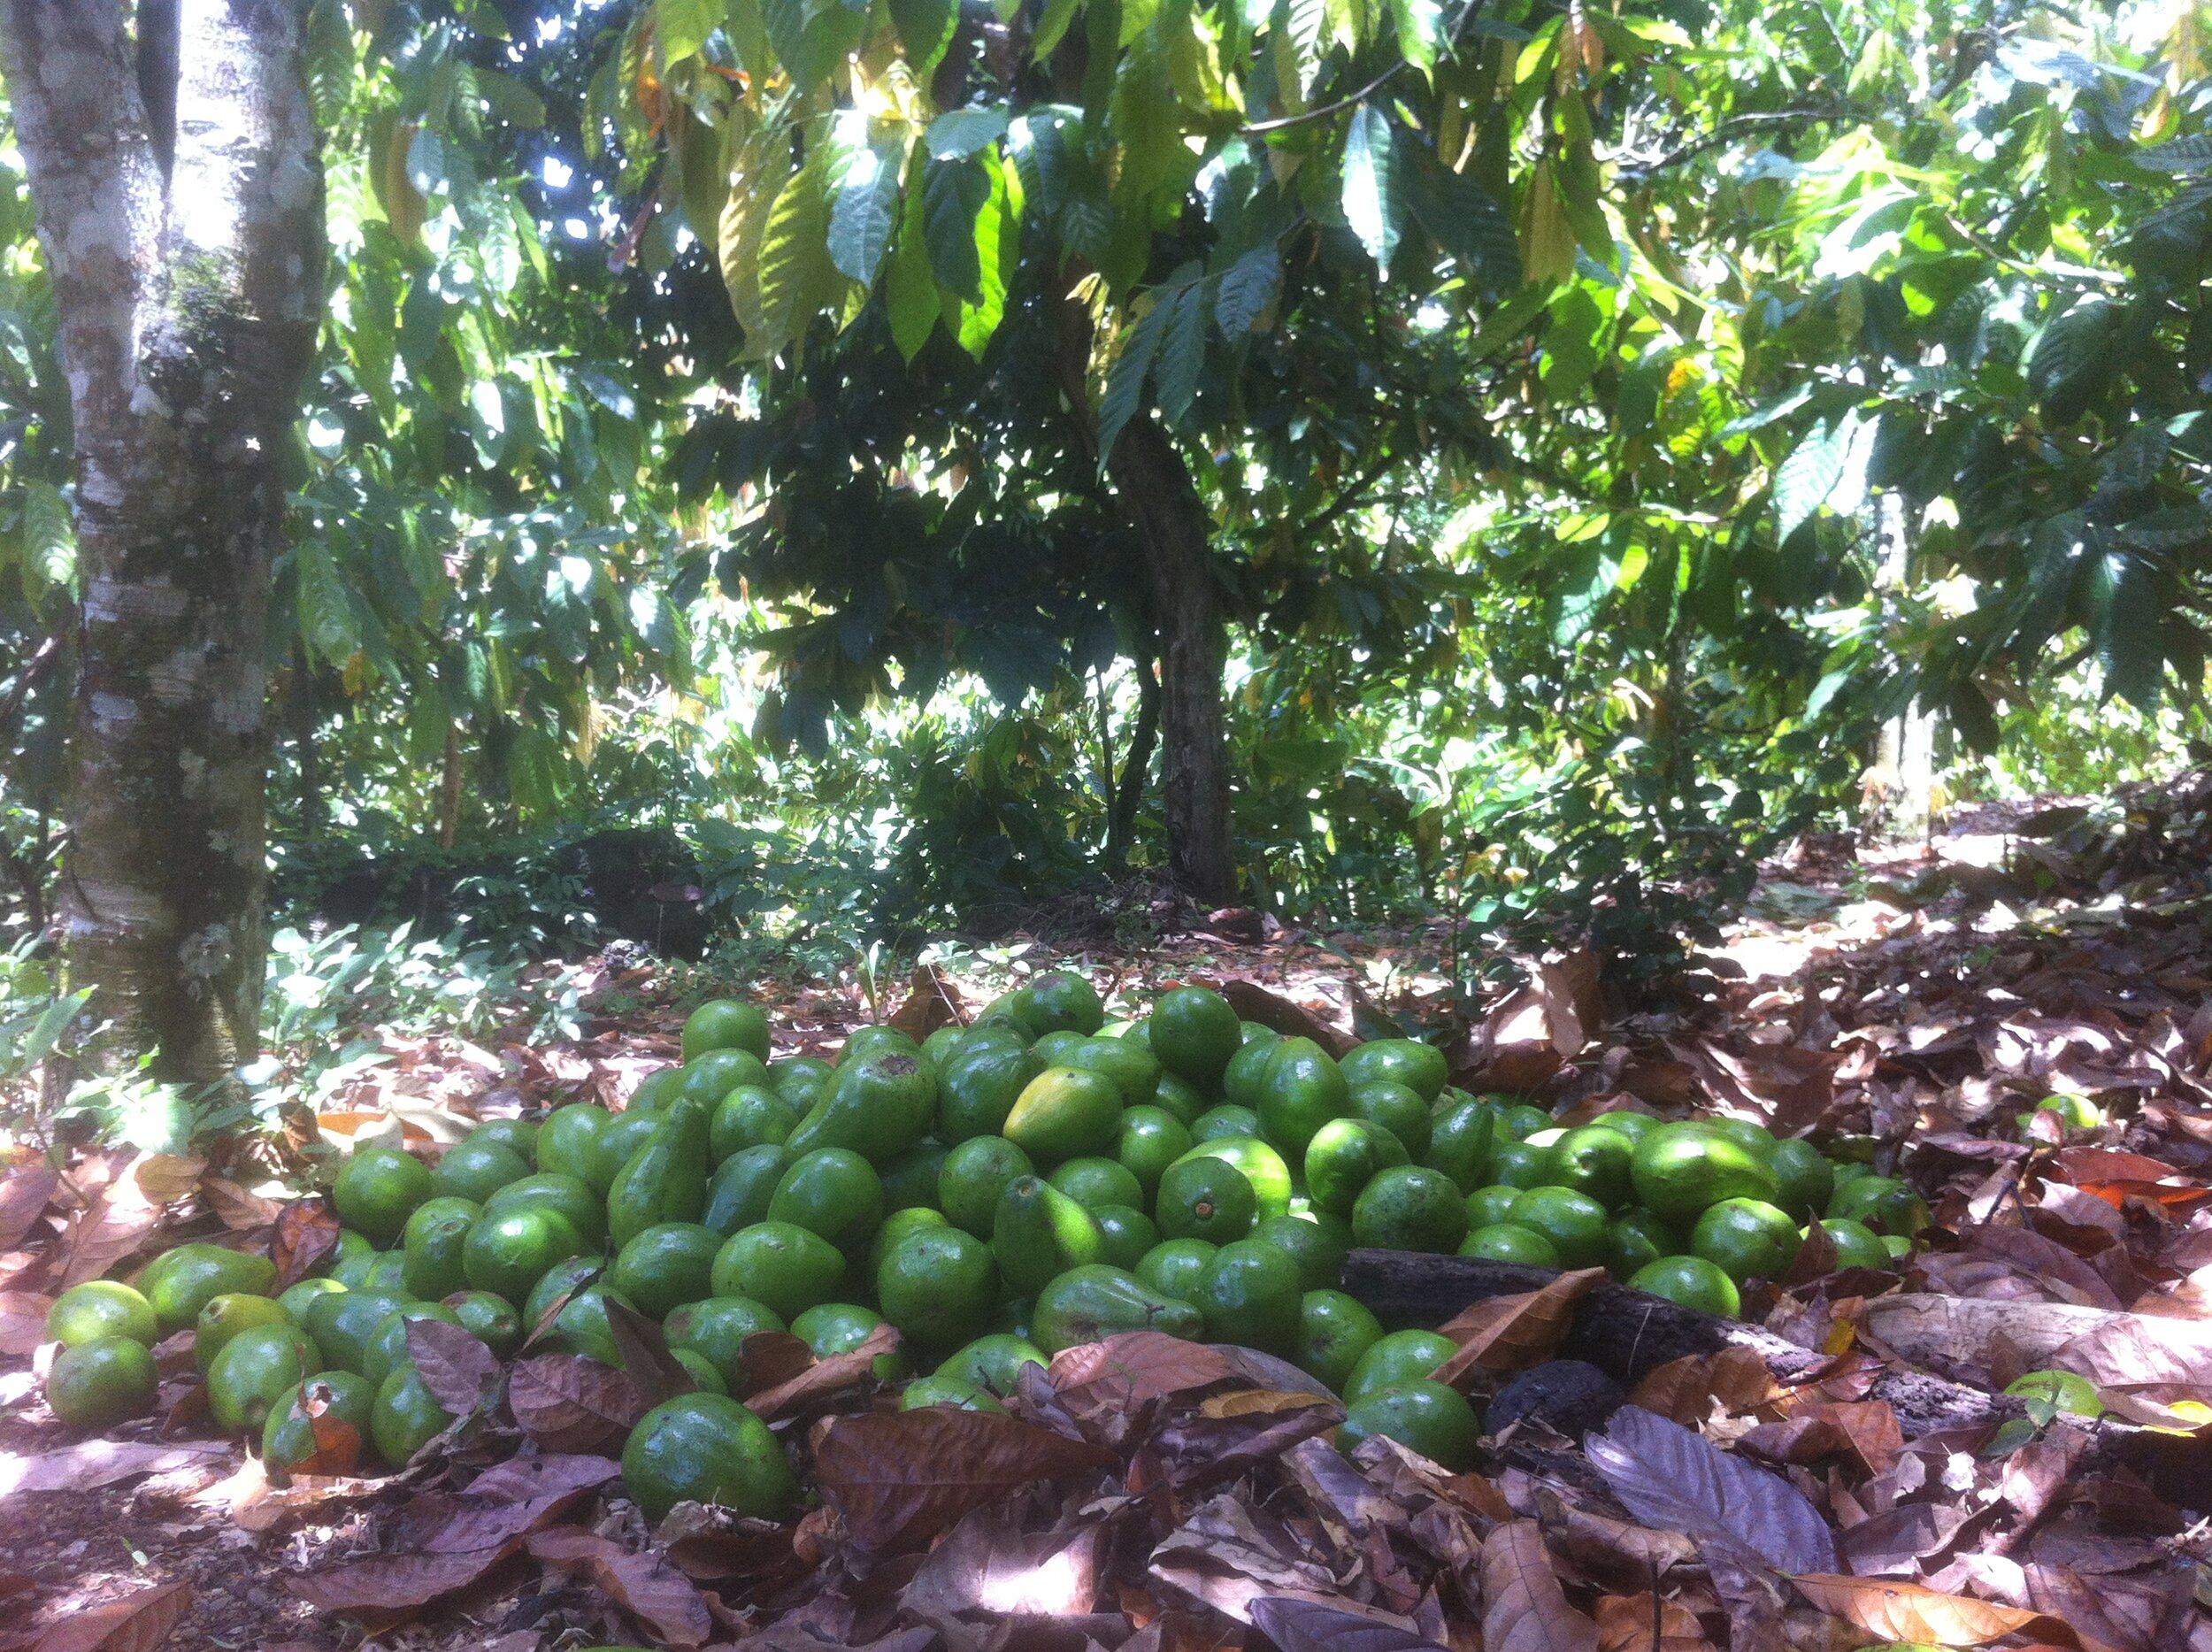 Récolte d'avocats dans une cacaoyère dominicaine